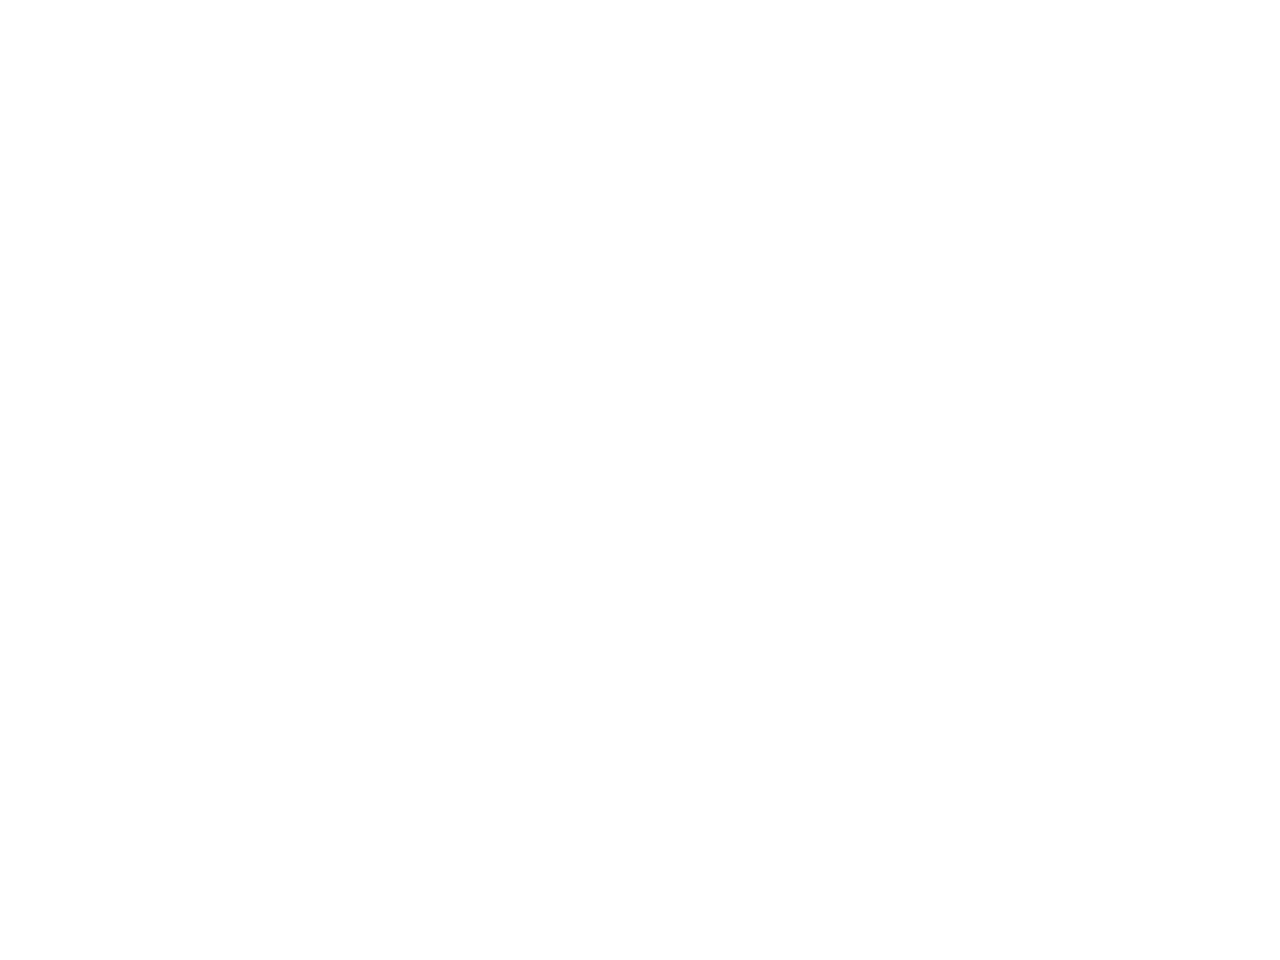 (株) 東洋工業写真社